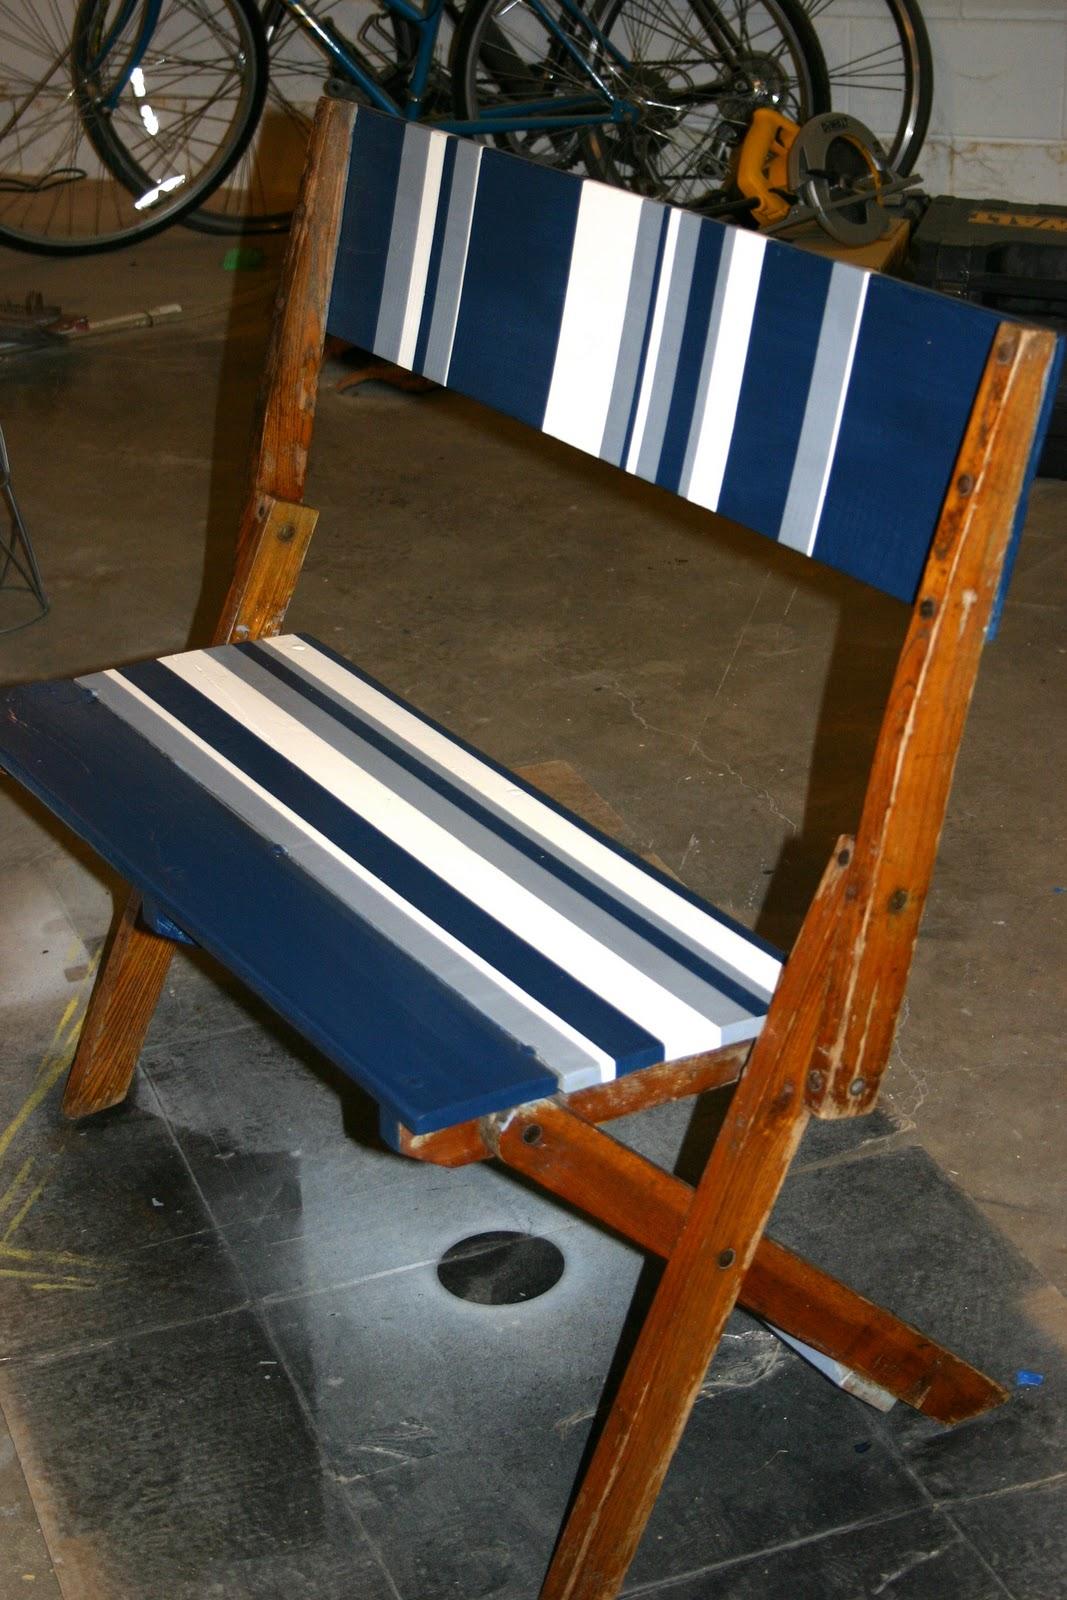 Doodle Bug Unique Folding Bench How To Paint Stripes